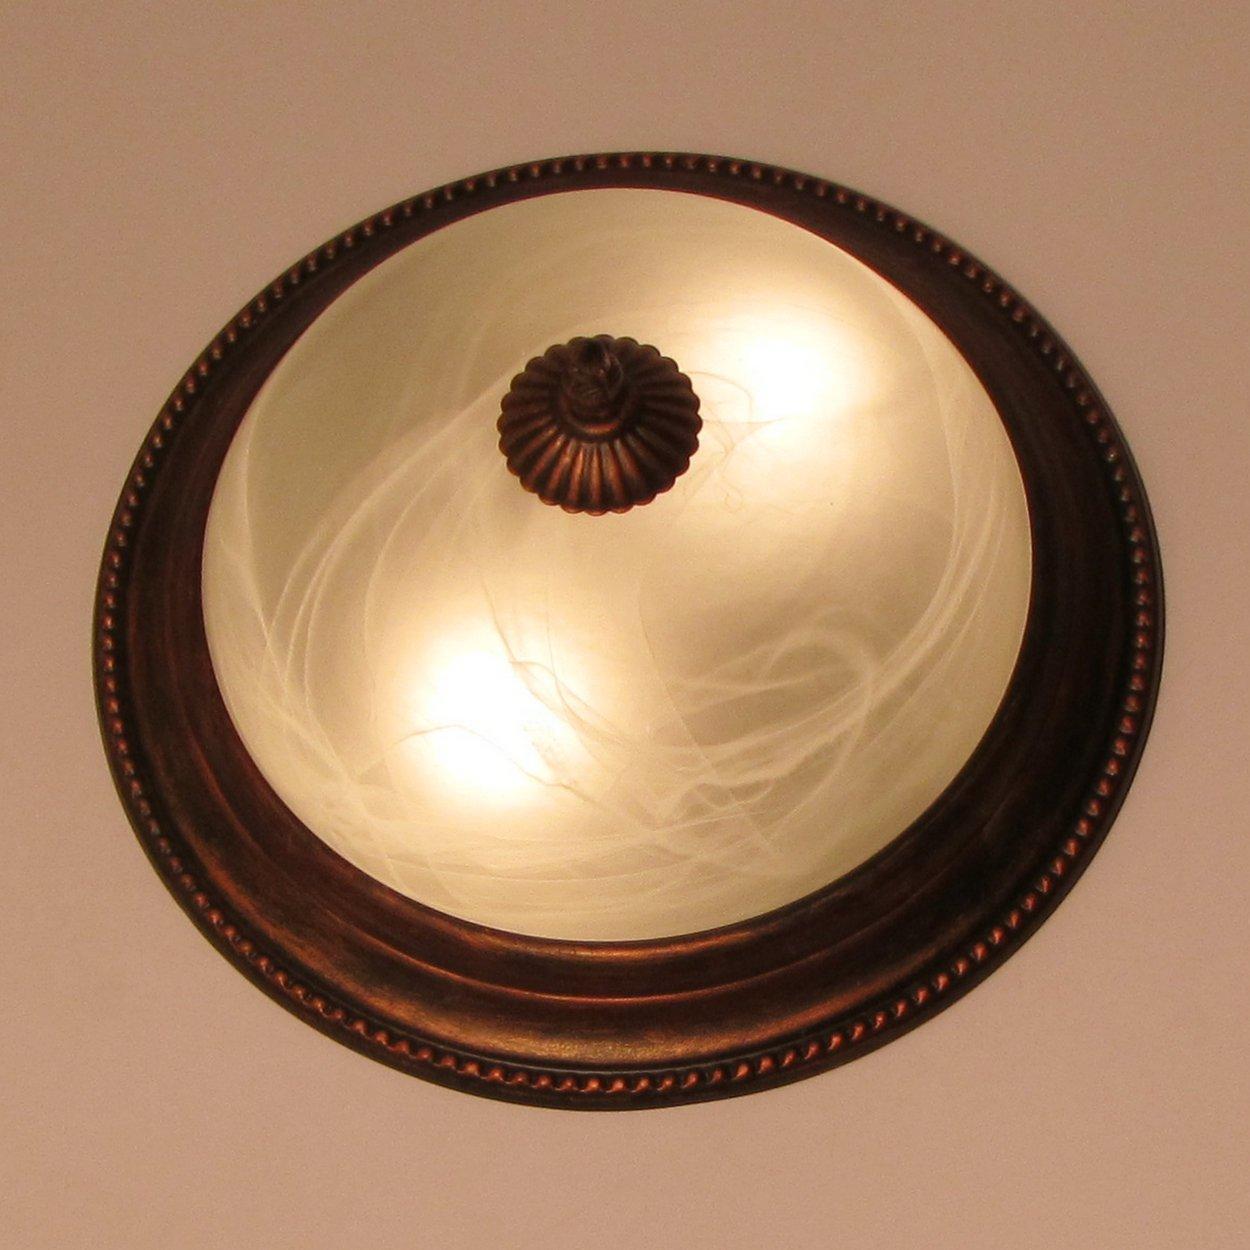 Acquista all'ingrosso Online ventilatore a soffitto in ottone da ...